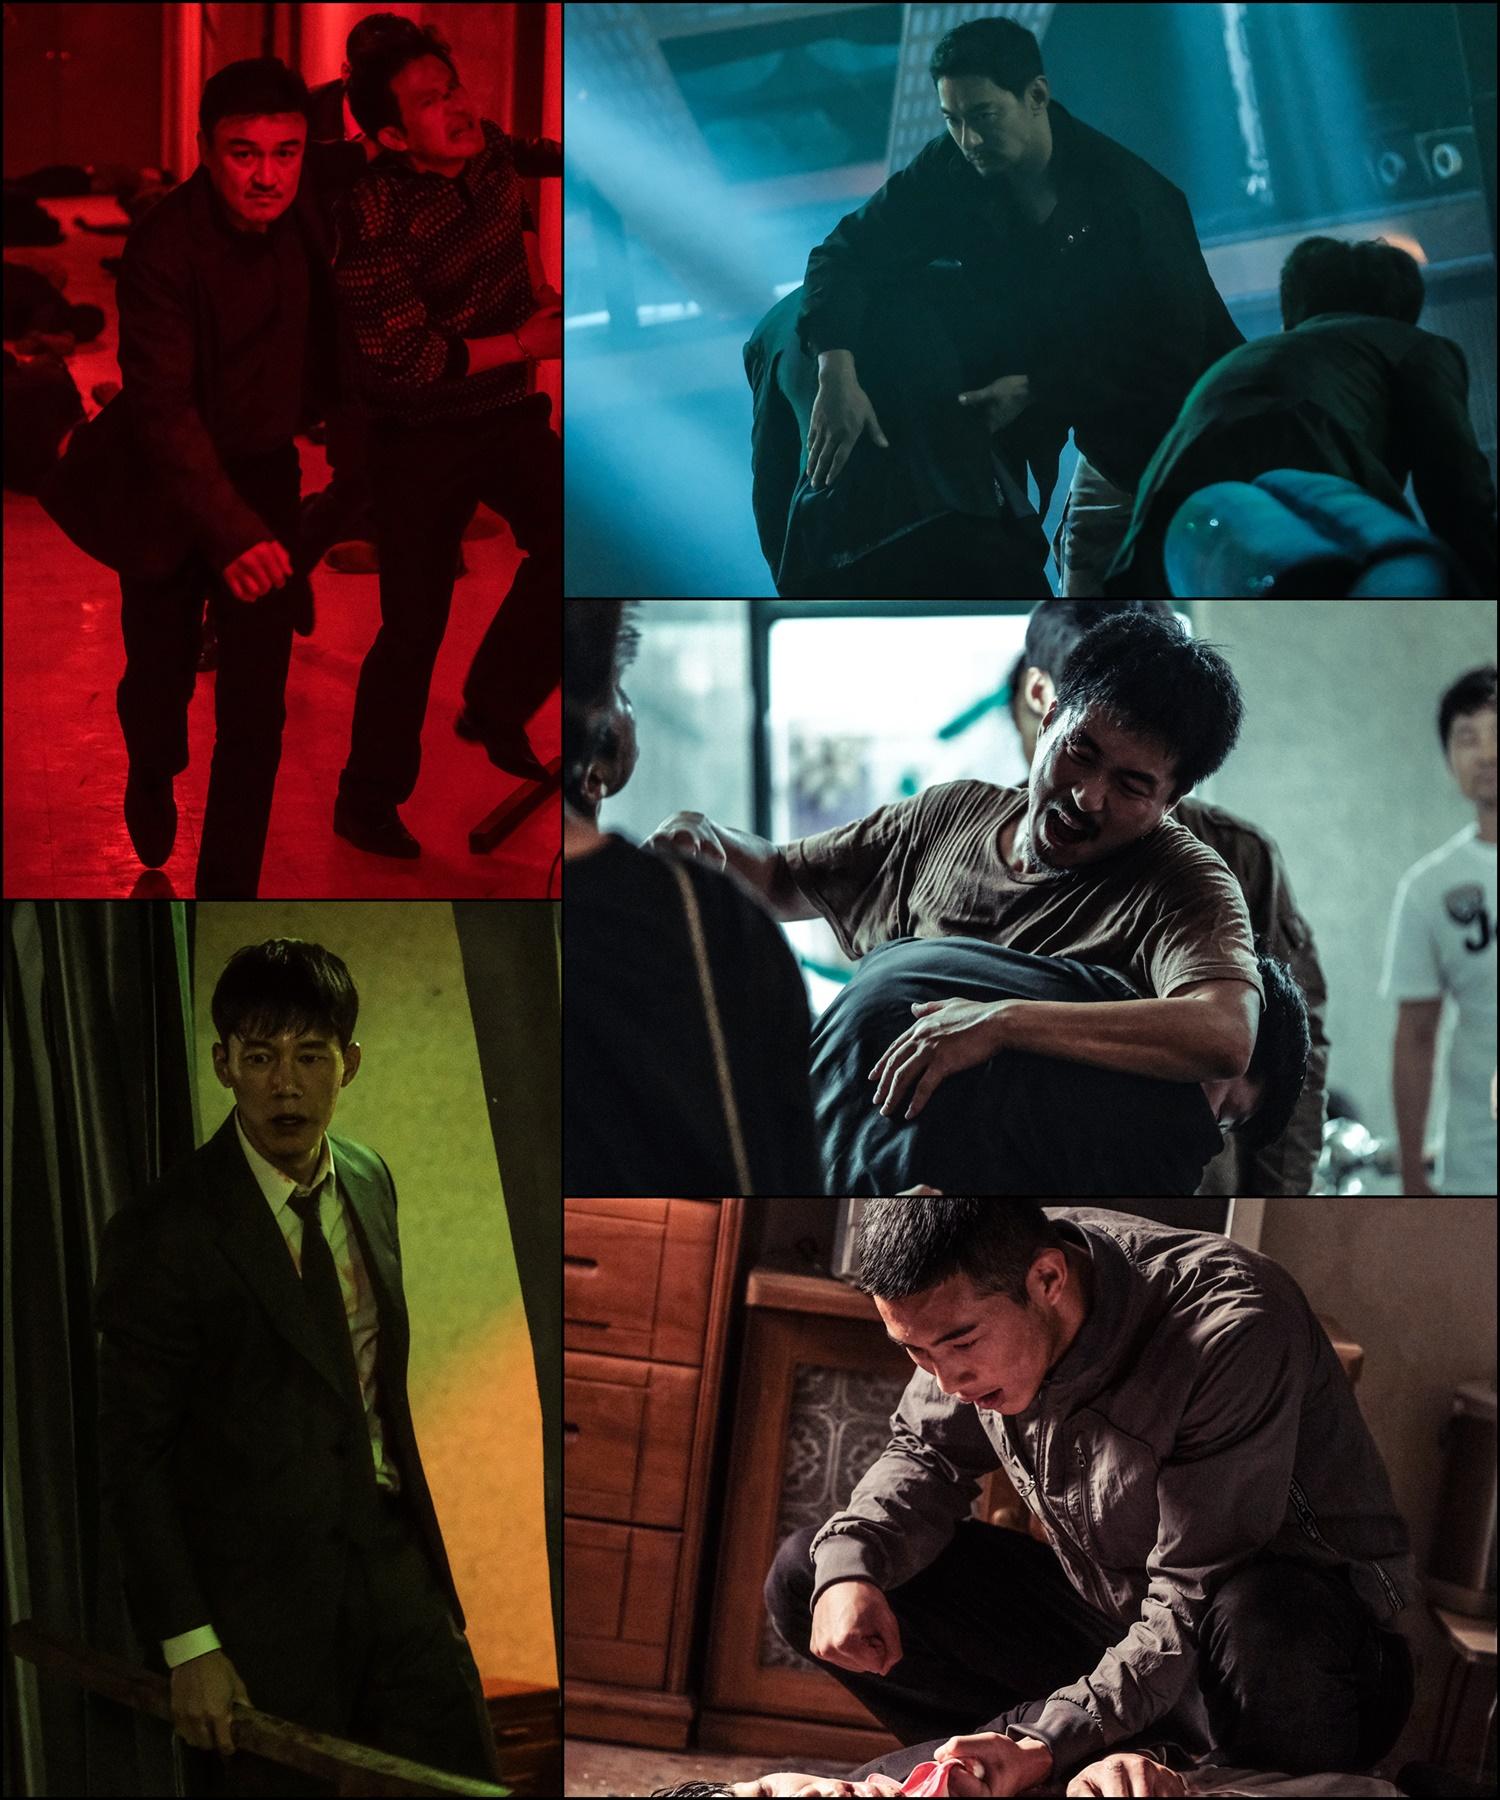 """<나쁜녀석들: 악의 도시> 박호식 CP, """"통쾌+스케일감 있는 액션"""" 예고"""